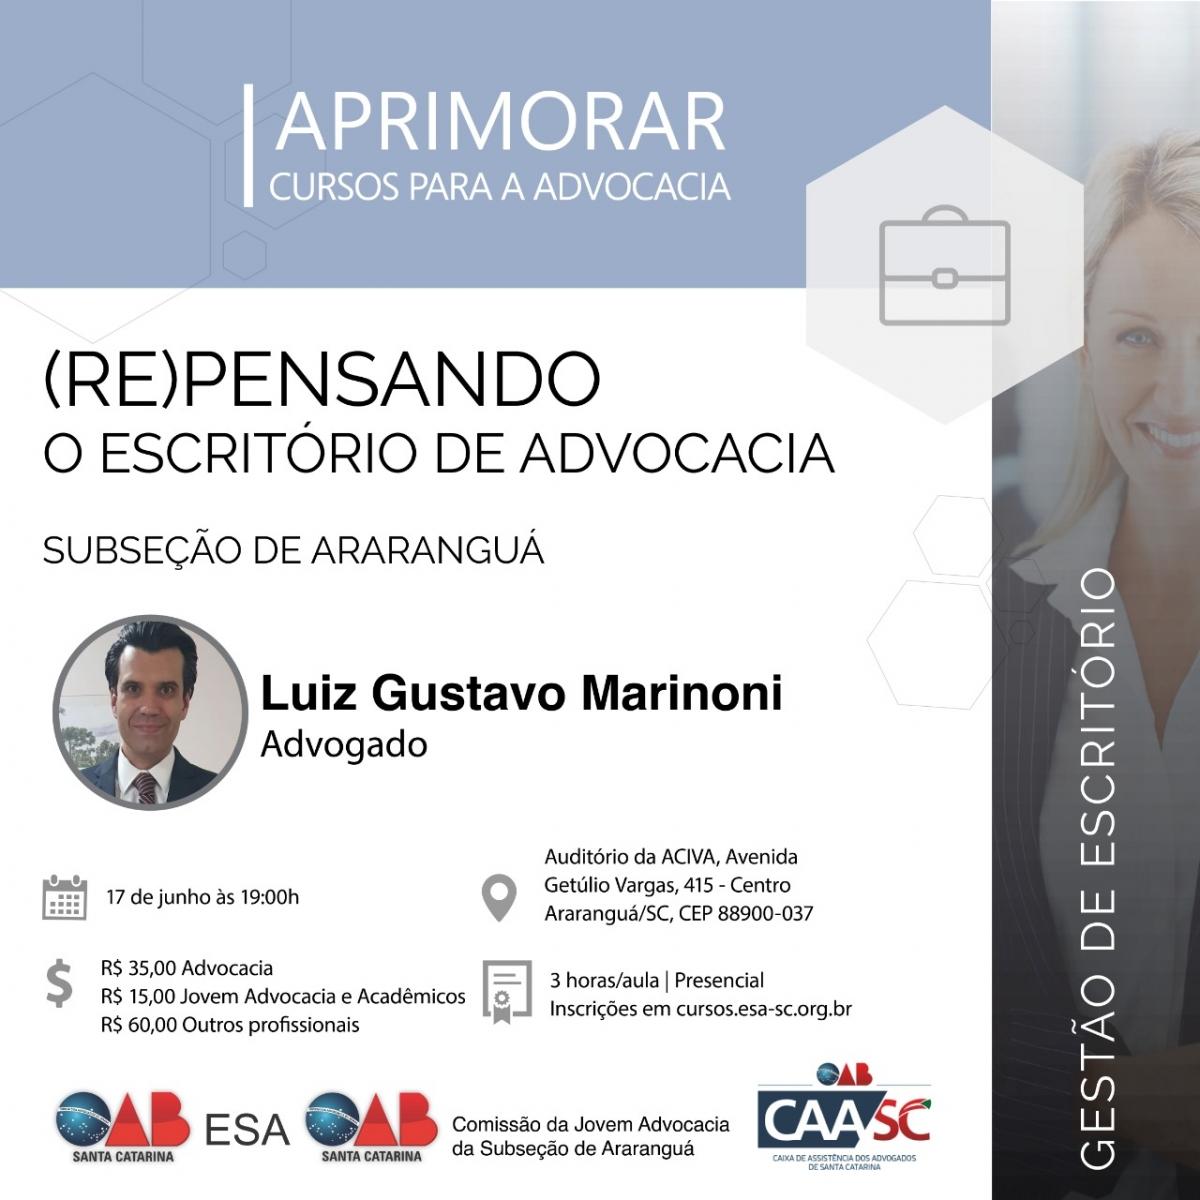 (RE)PENSANDO O ESCRITÓRIO DE ADVOCACIA - ARARANGUÁ - CARTAZ.jpg